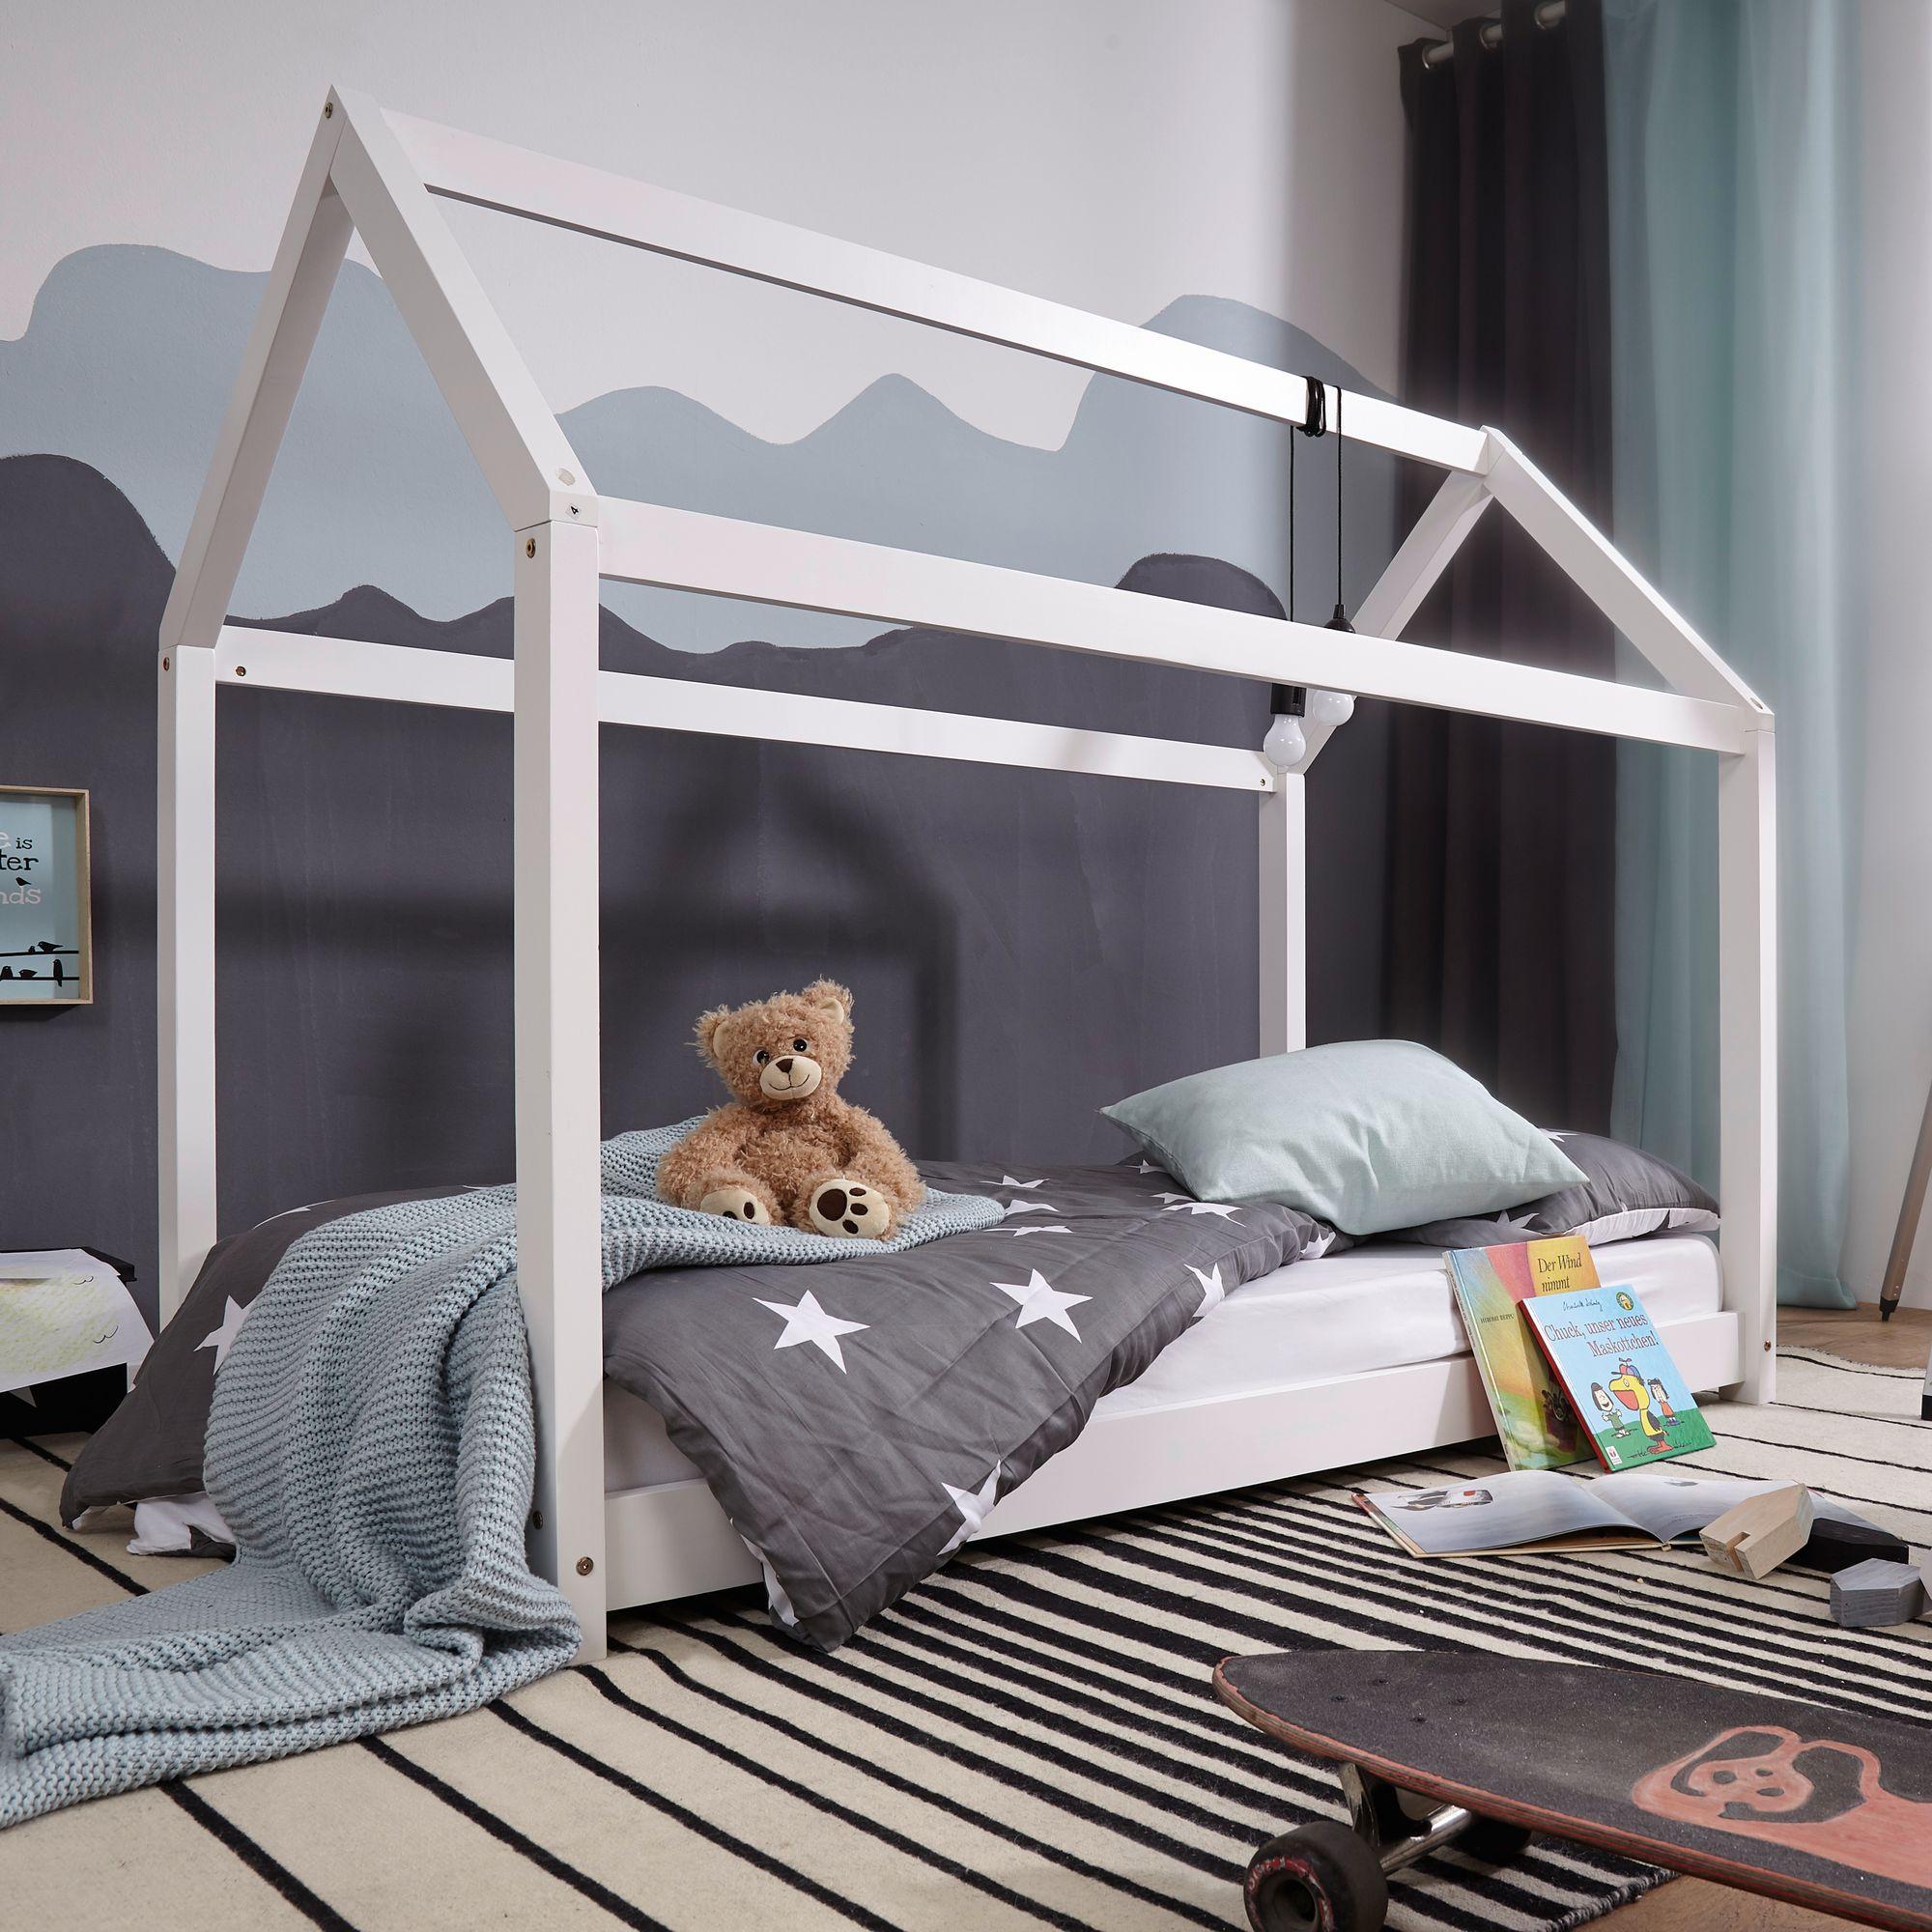 Full Size of Billige Betten Billerbeck Nolte Massivholz Günstig Kaufen Ruf Preise Ausgefallene Amerikanische Außergewöhnliche Holz Für übergewichtige Schlafzimmer Bett Kinder Betten